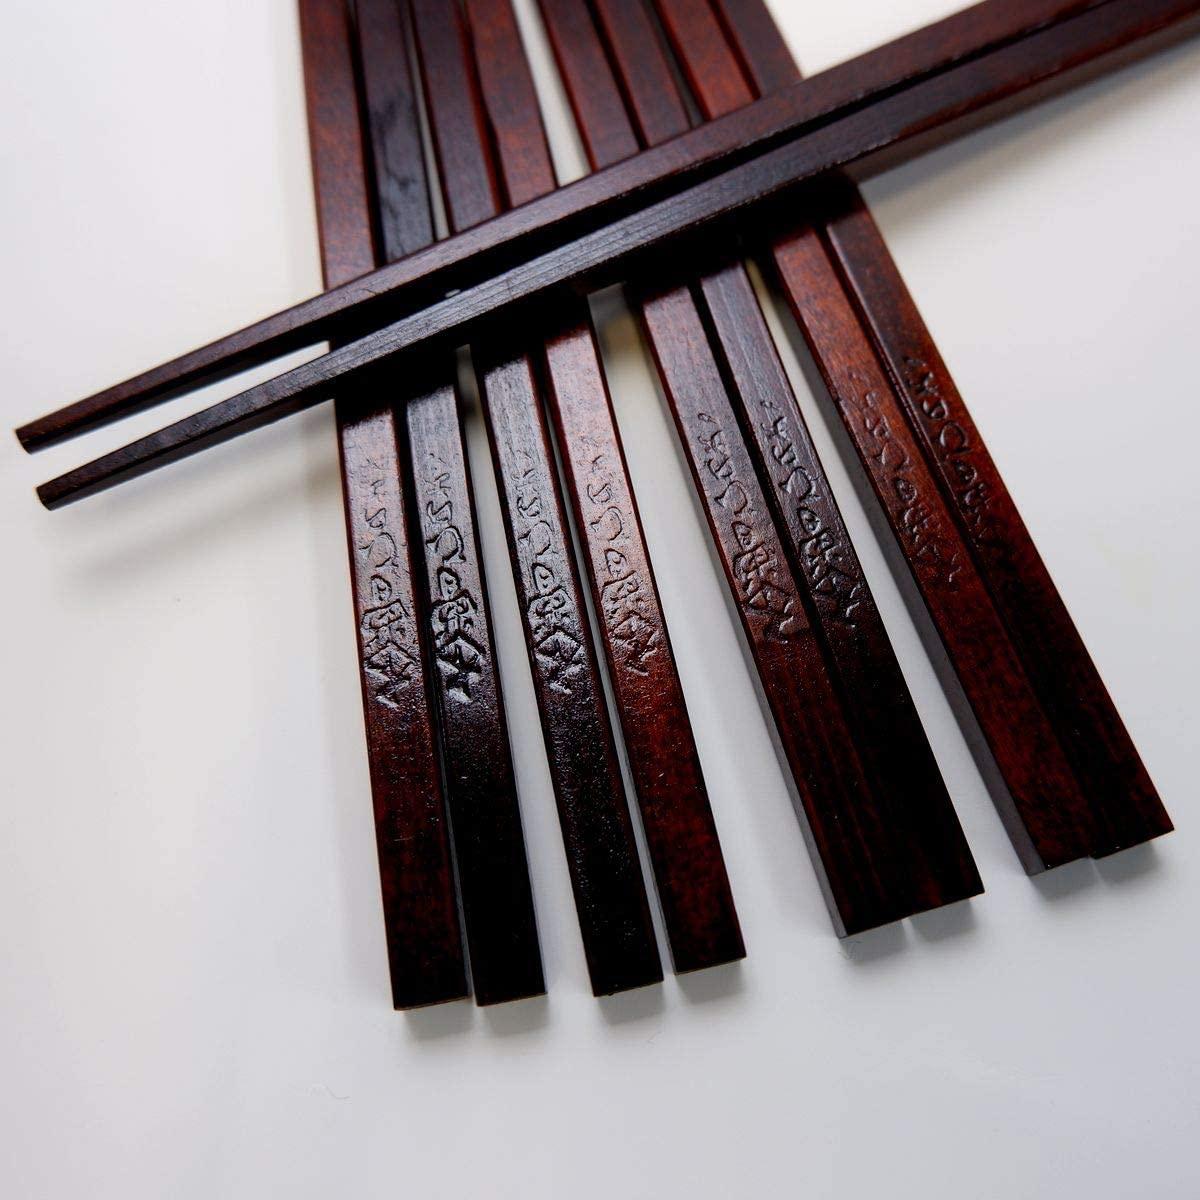 はりま屋(ハリマヤ) 木曽ひのき箸 5膳セット 22.0cmの商品画像